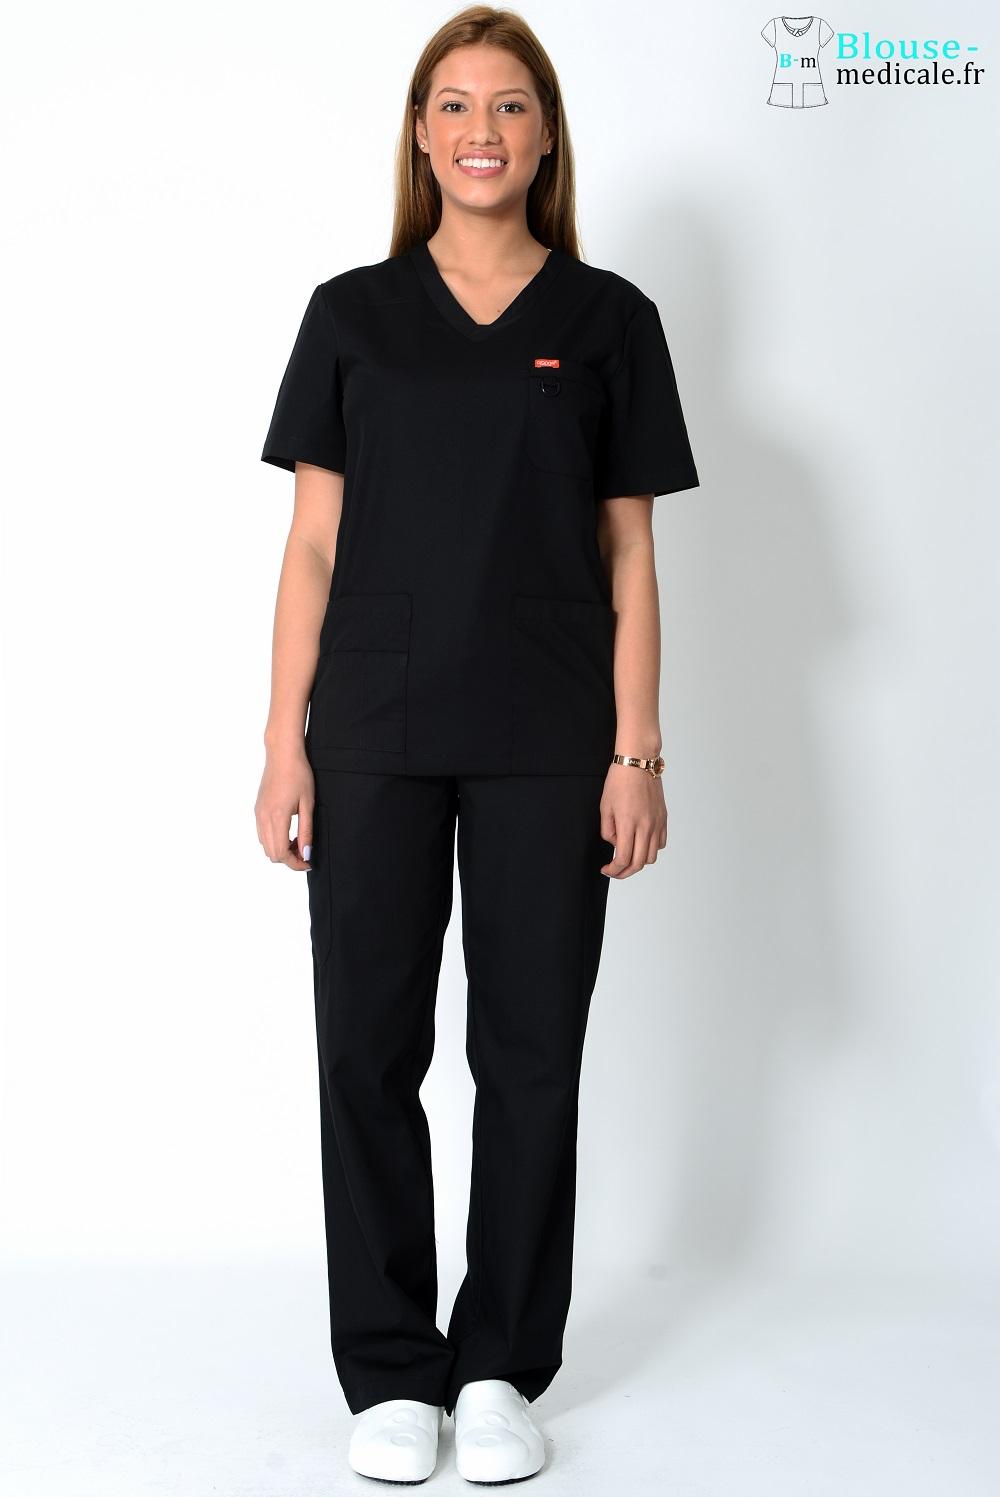 tenue médicale unisexe tenue equipe medicale vétérinaire femme